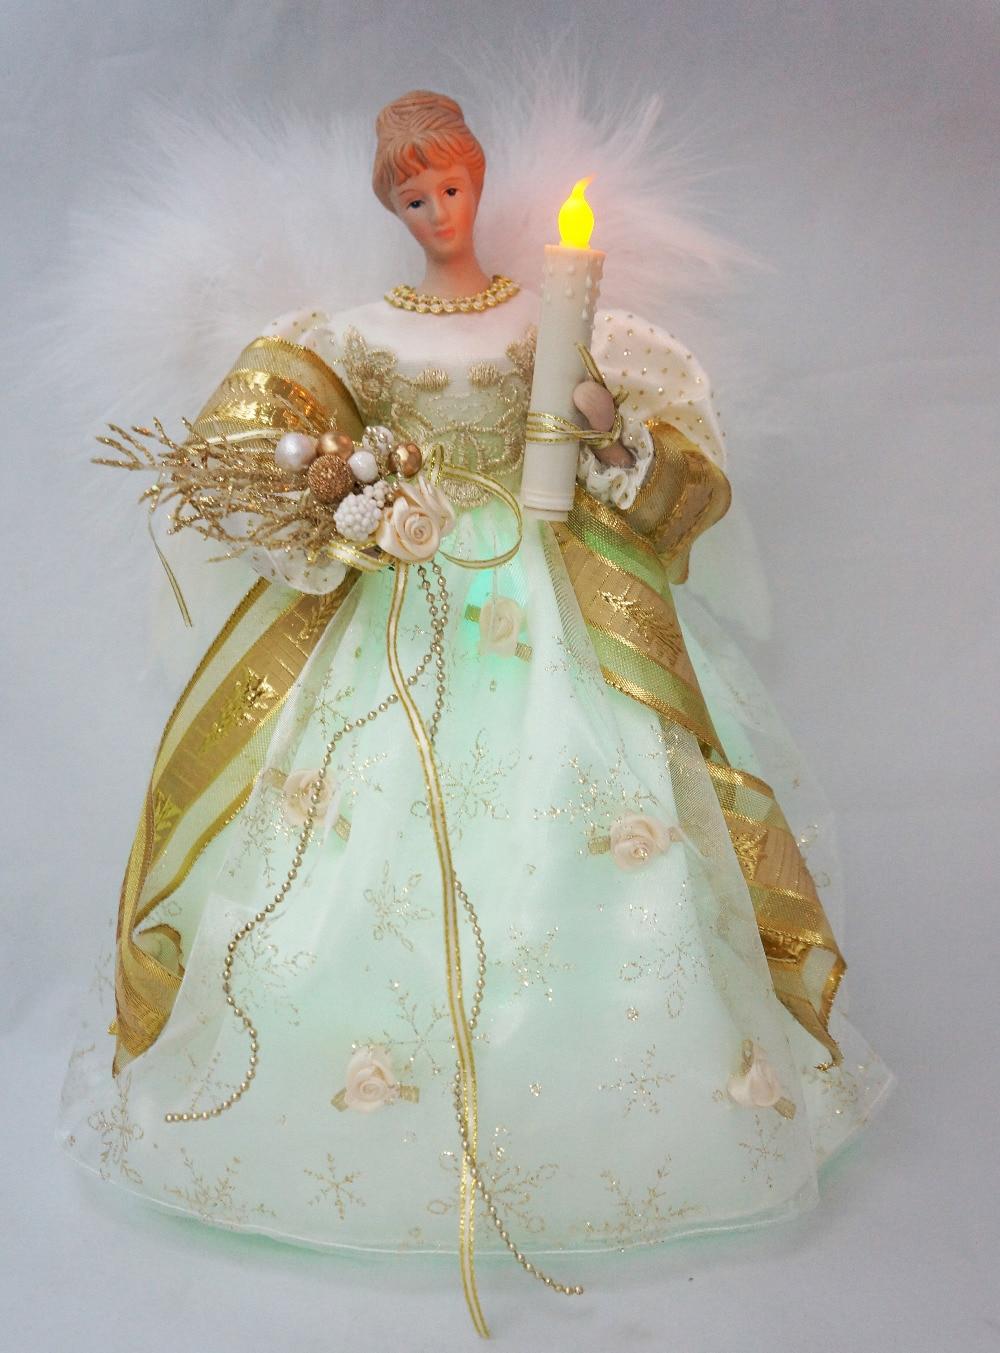 Cosette noël lumière ange arbre Topper porcelaine poupée